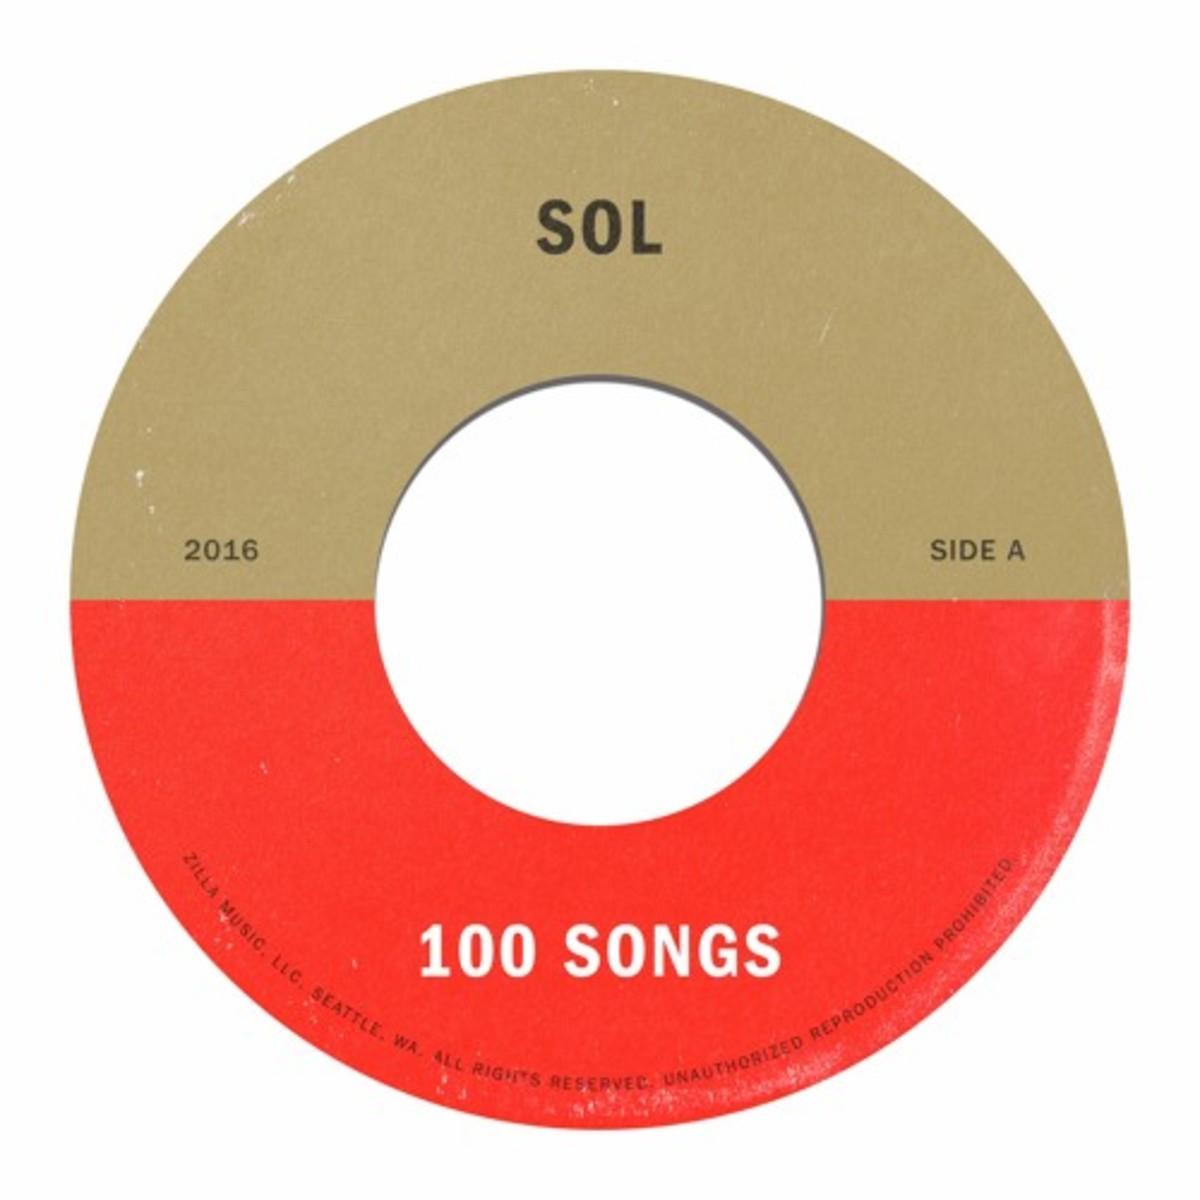 sol-100-songs.jpg